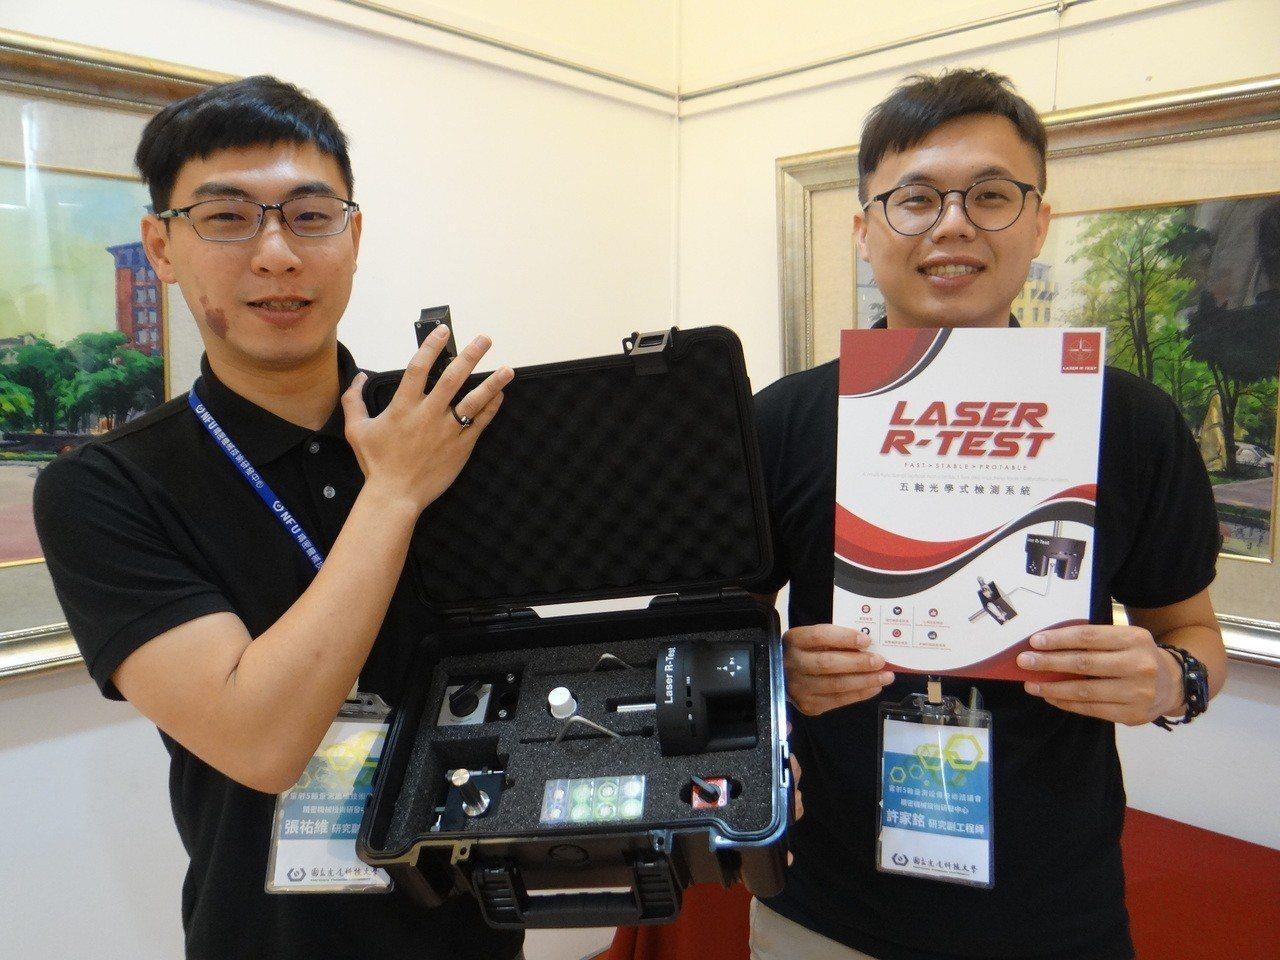 虎尾科大師生團隊研發成功的「五軸光學式檢測系統」將可望讓台灣的精密工機具產業,推...